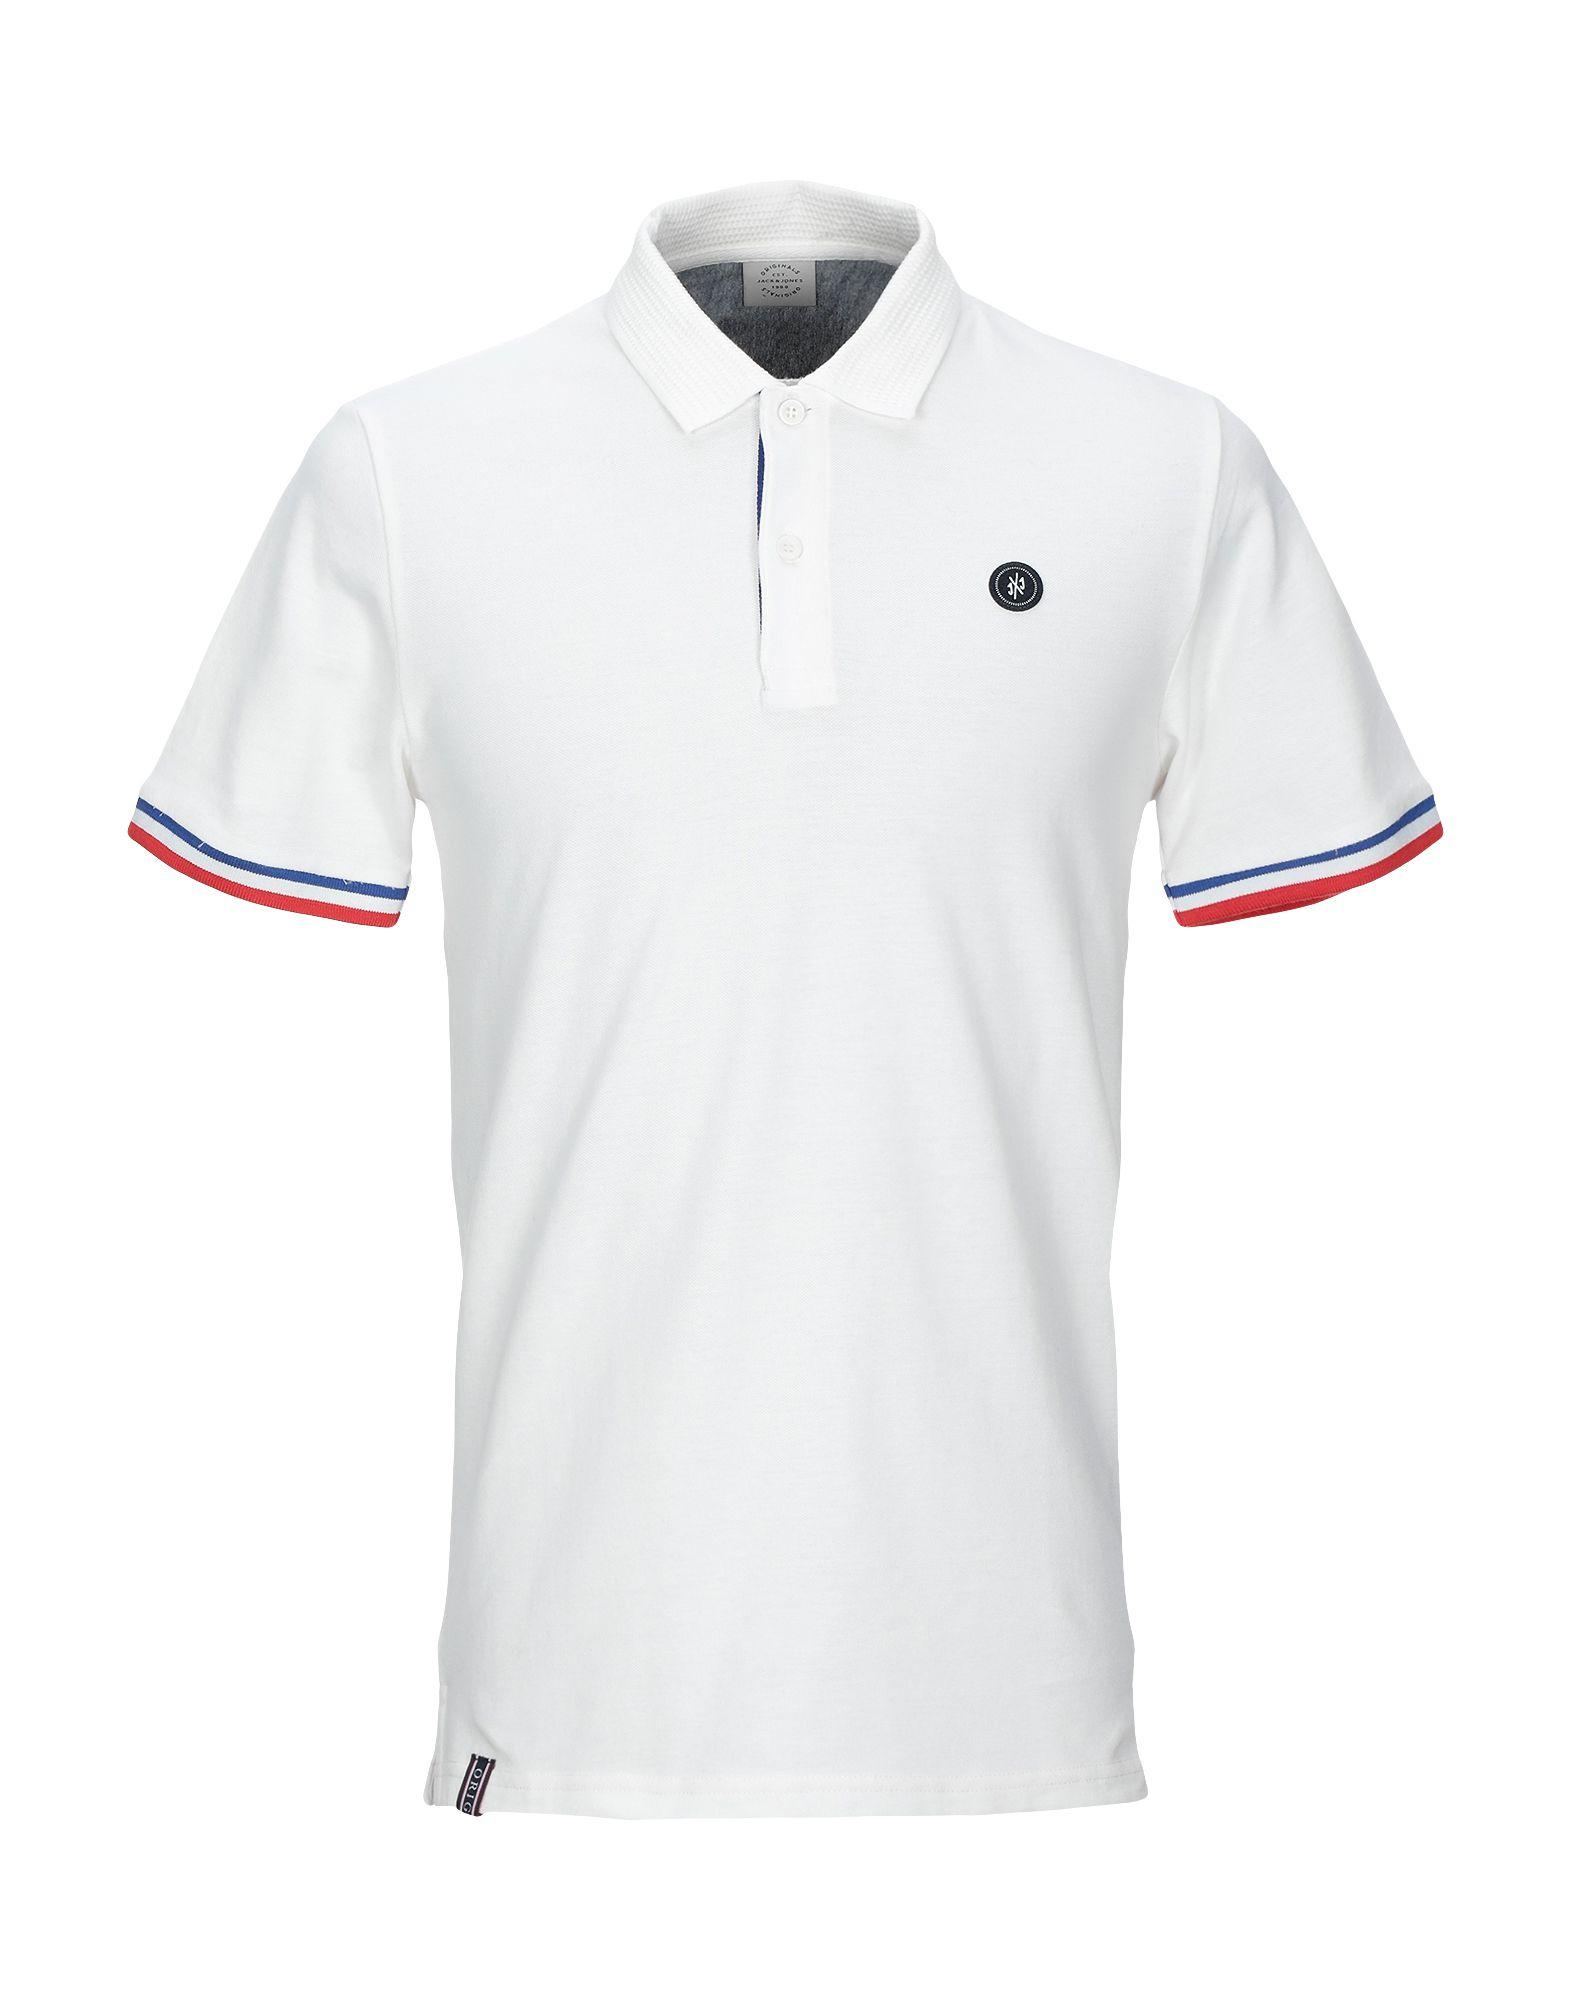 《送料無料》JACK & JONES ORIGINALS メンズ ポロシャツ ホワイト S コットン 100%